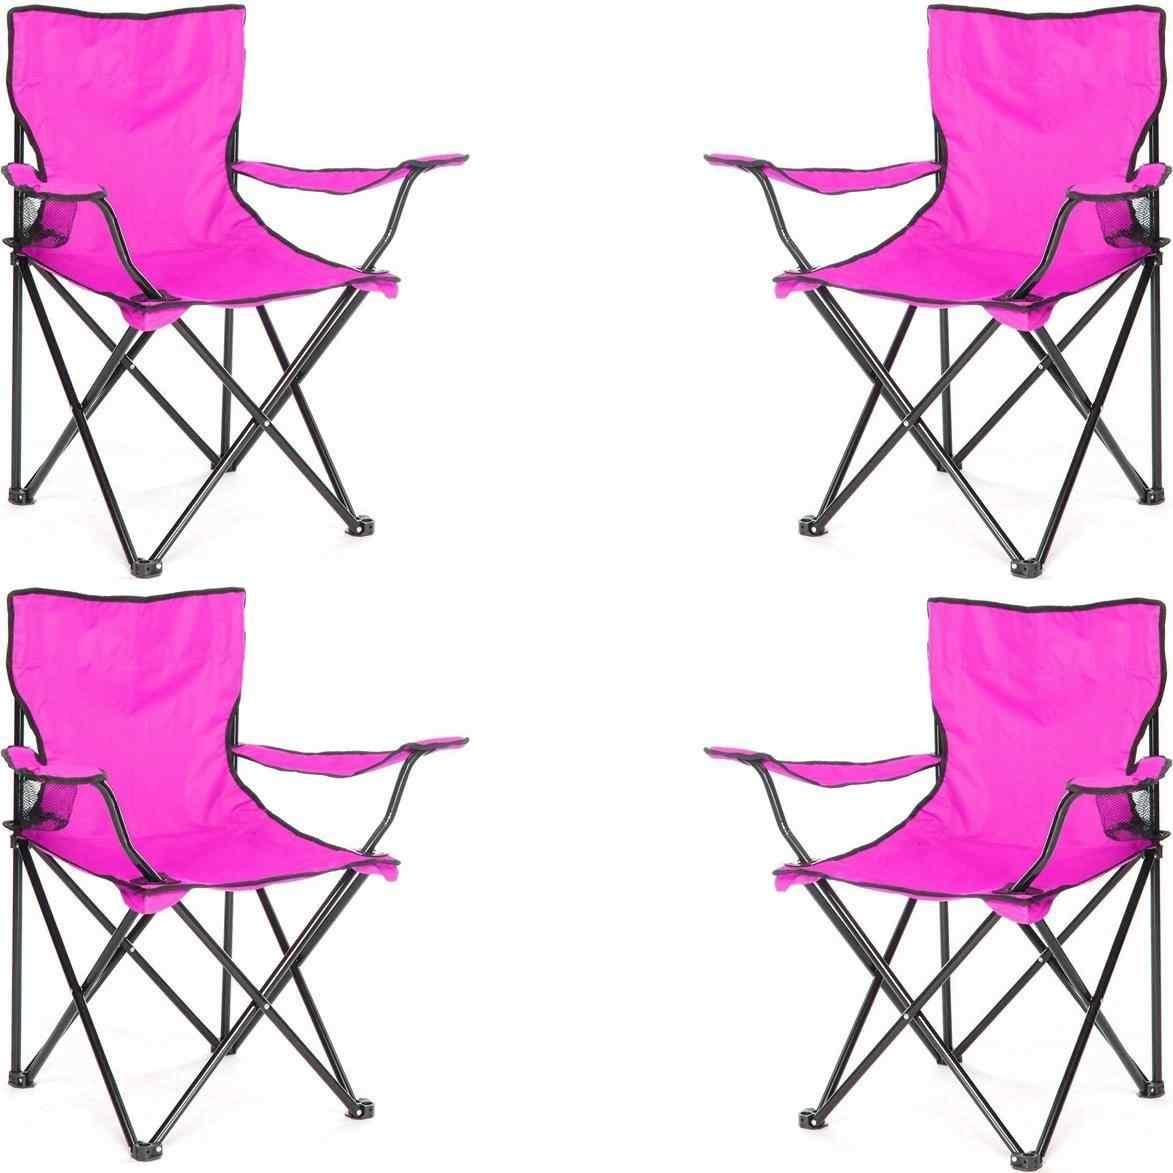 Çantalı Kamp Sandalyesi Balıkçı Plaj Piknik Koltuk Lila 4 Adet